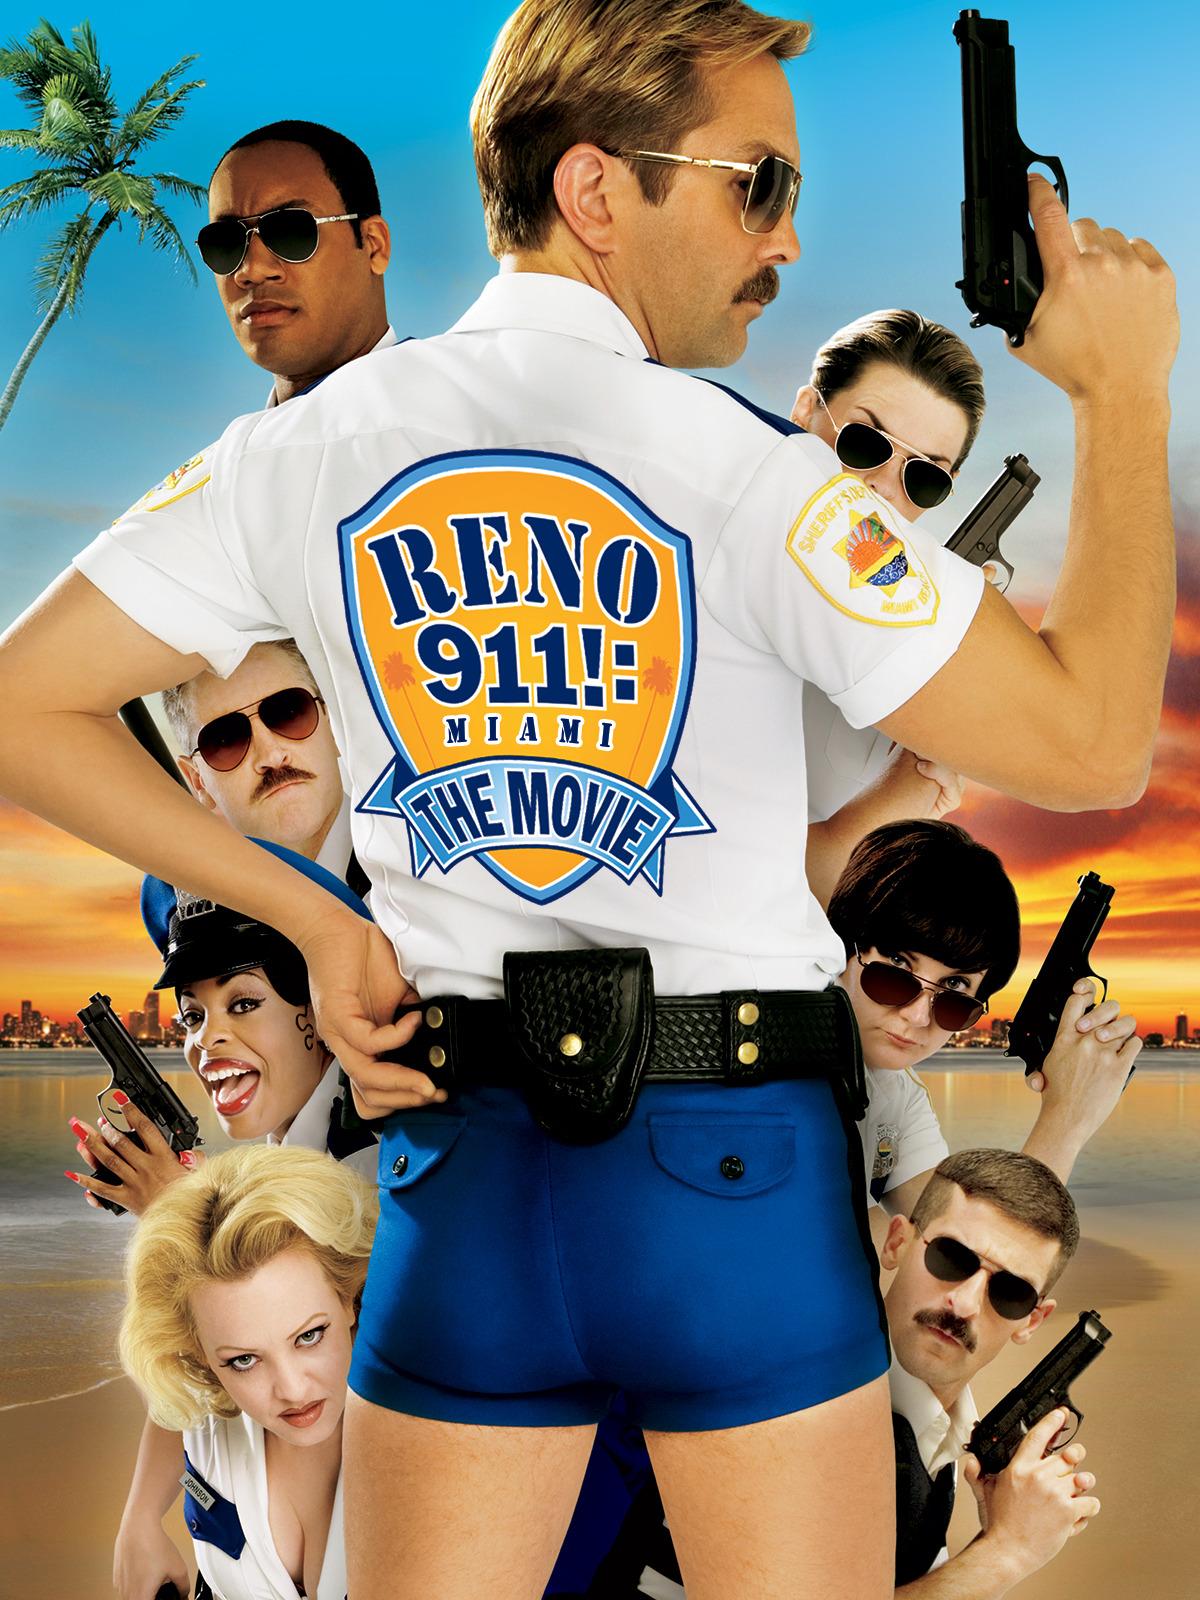 Prime Video: Reno 911!: Miami - O Filme